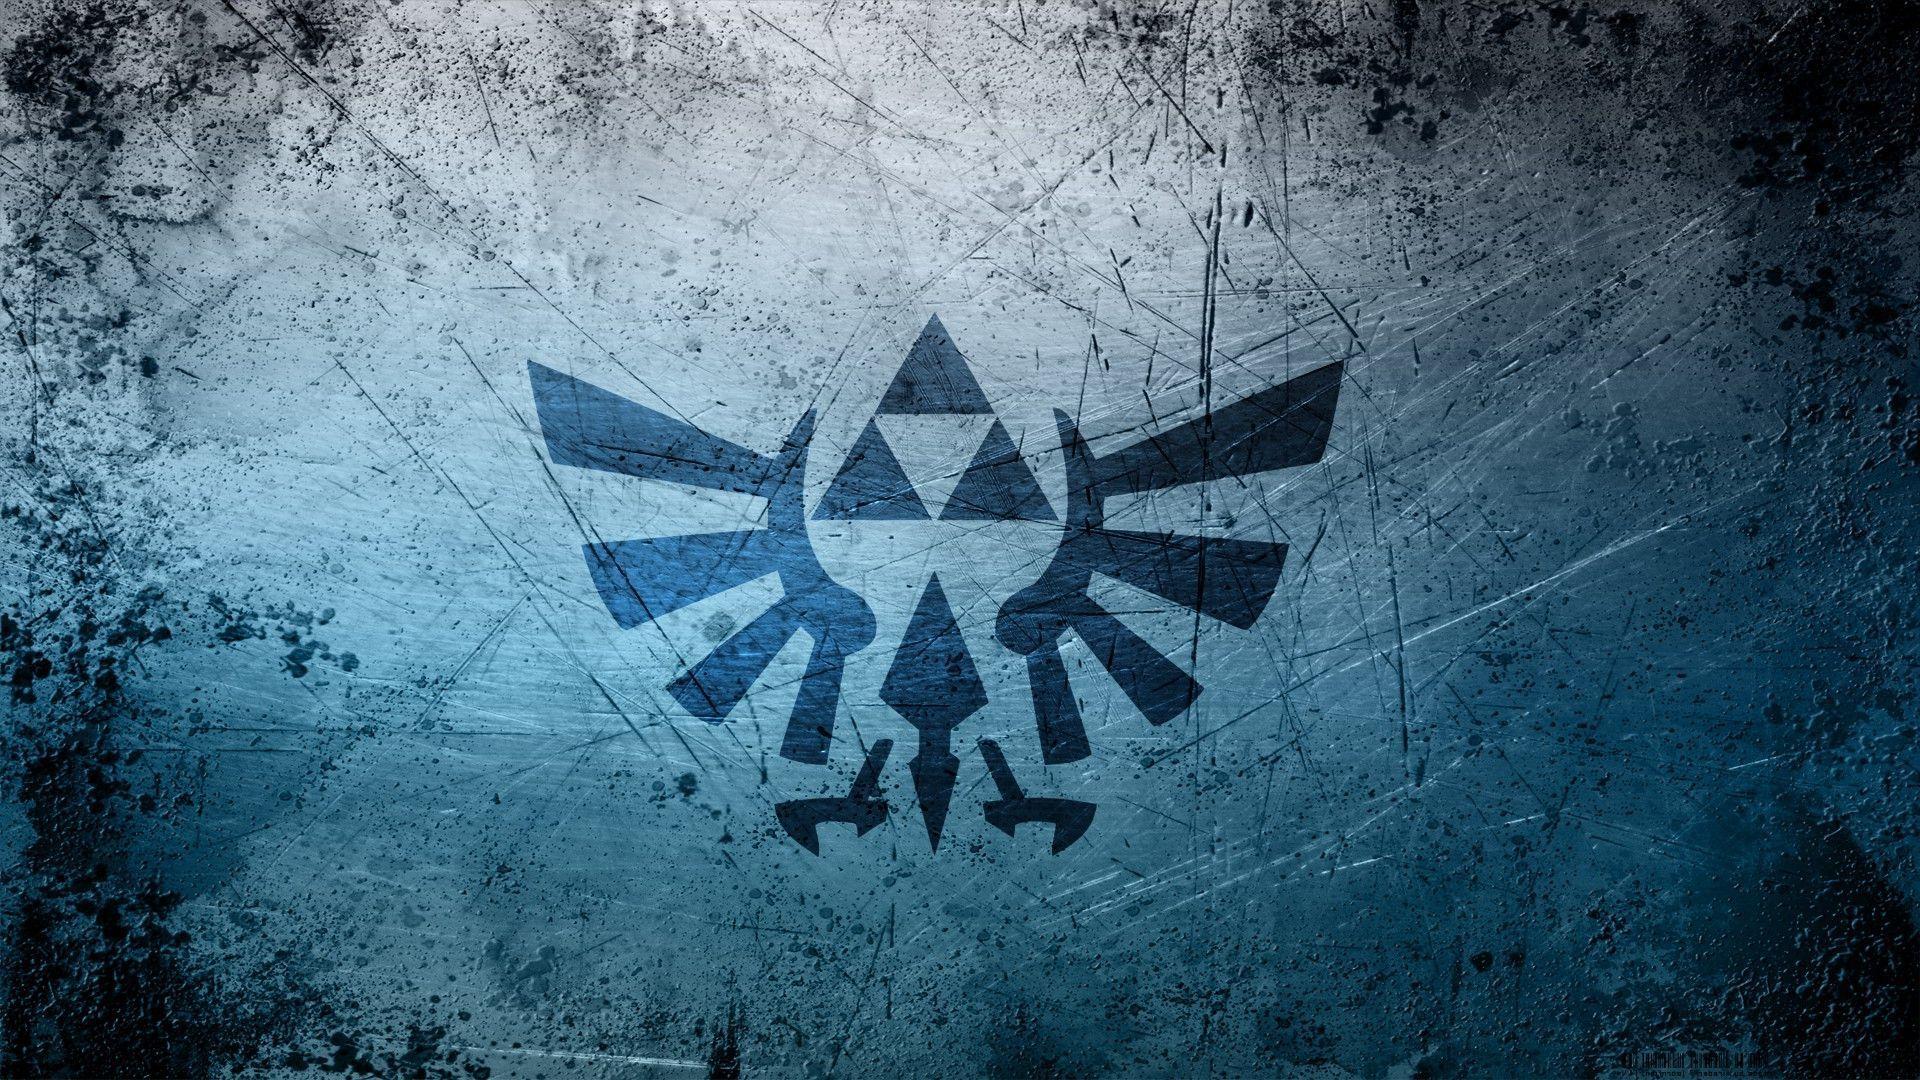 Legend Of Zelda Wallpaper Wide For Desktop Wallpaper The